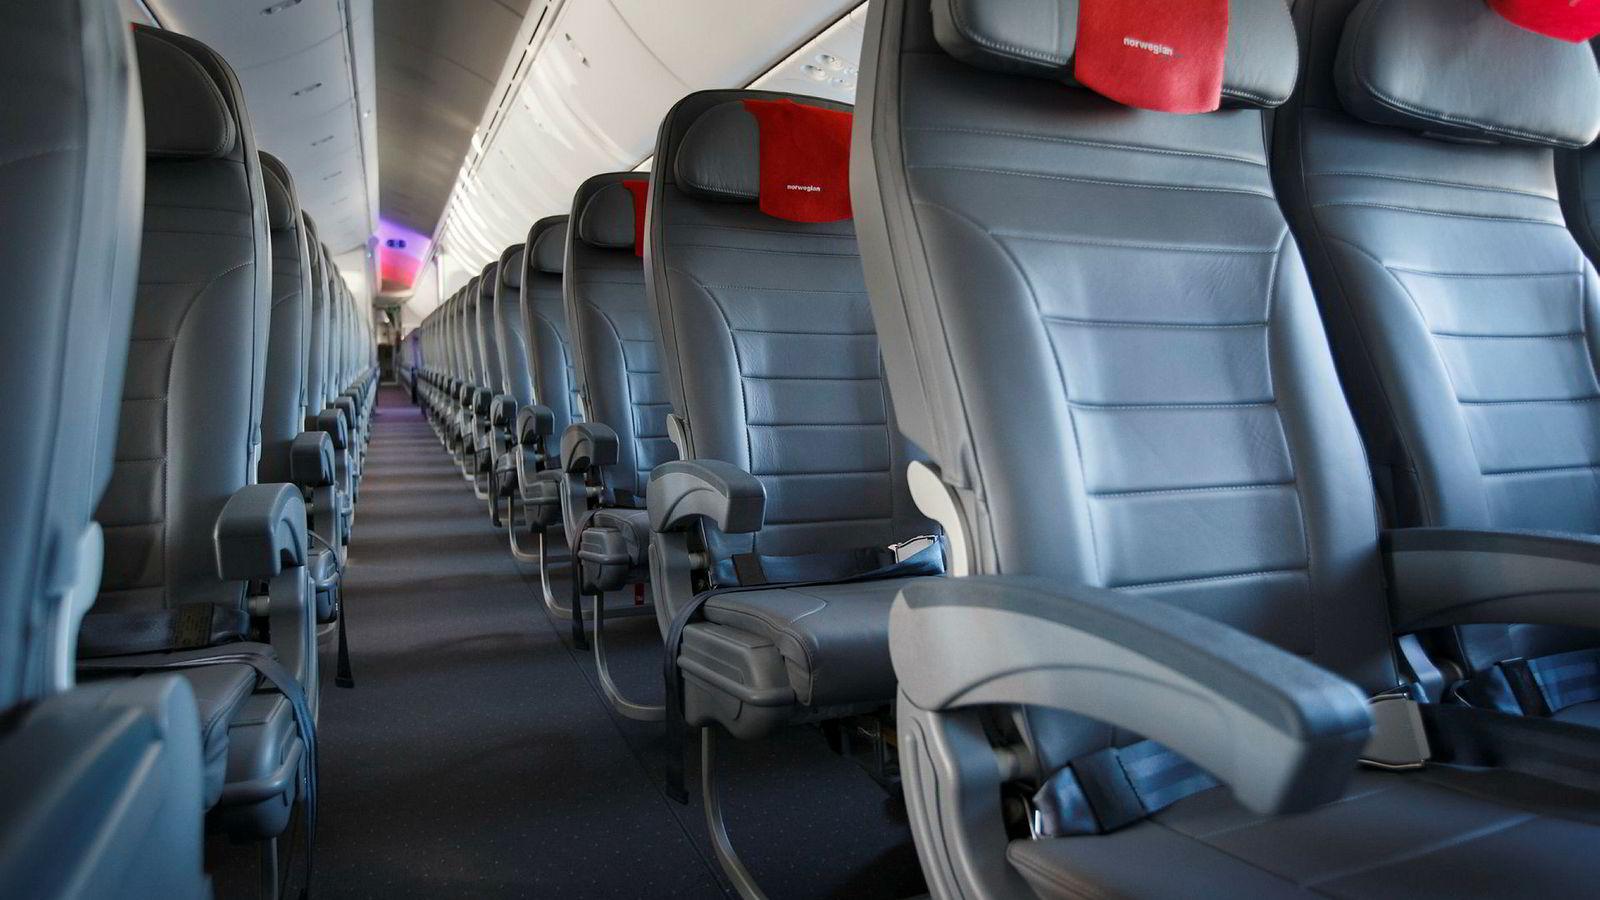 aeaabc10 Norwegian skal ha sikret flyfinansieringen, ifølge en melding selskapet  sendte ut mandag.